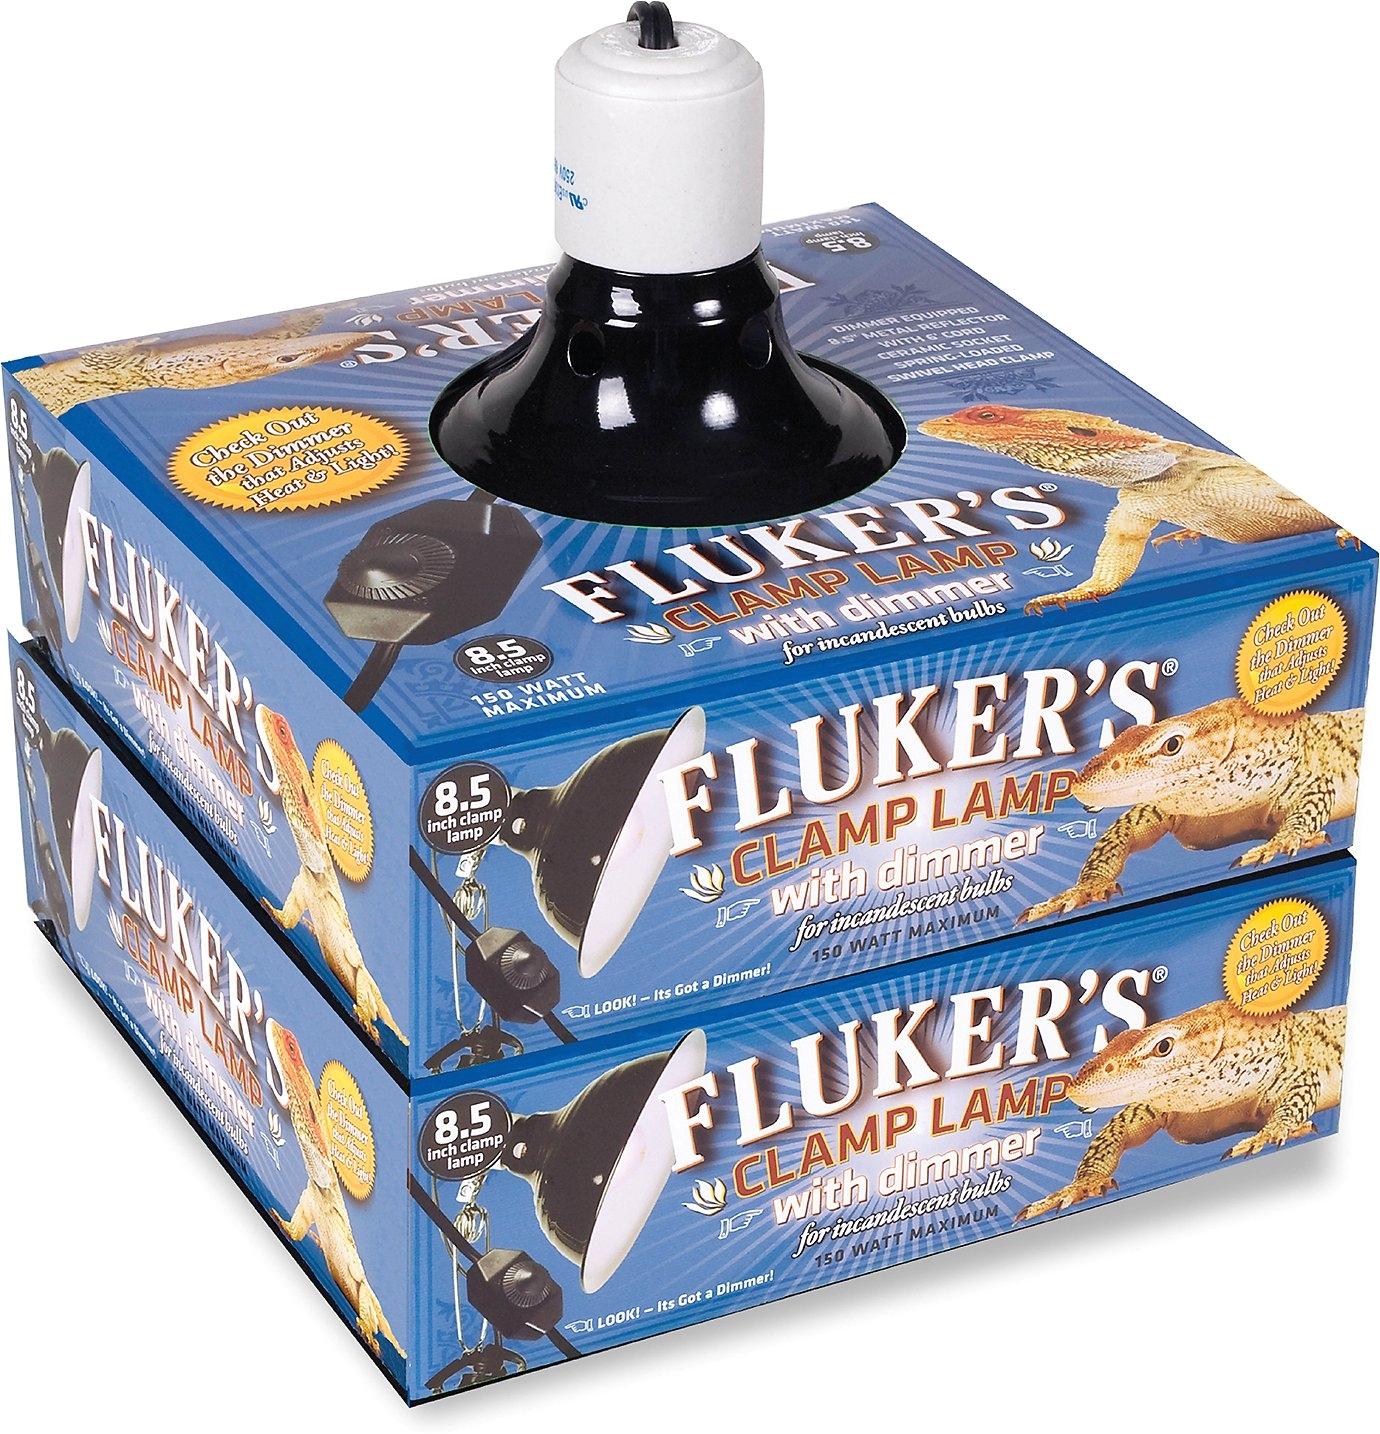 Fluker S Clamp Lamp with Dimmer 8.5-in Flukers Clamp Lamp with Dimmer 8 5 In Chewy Com